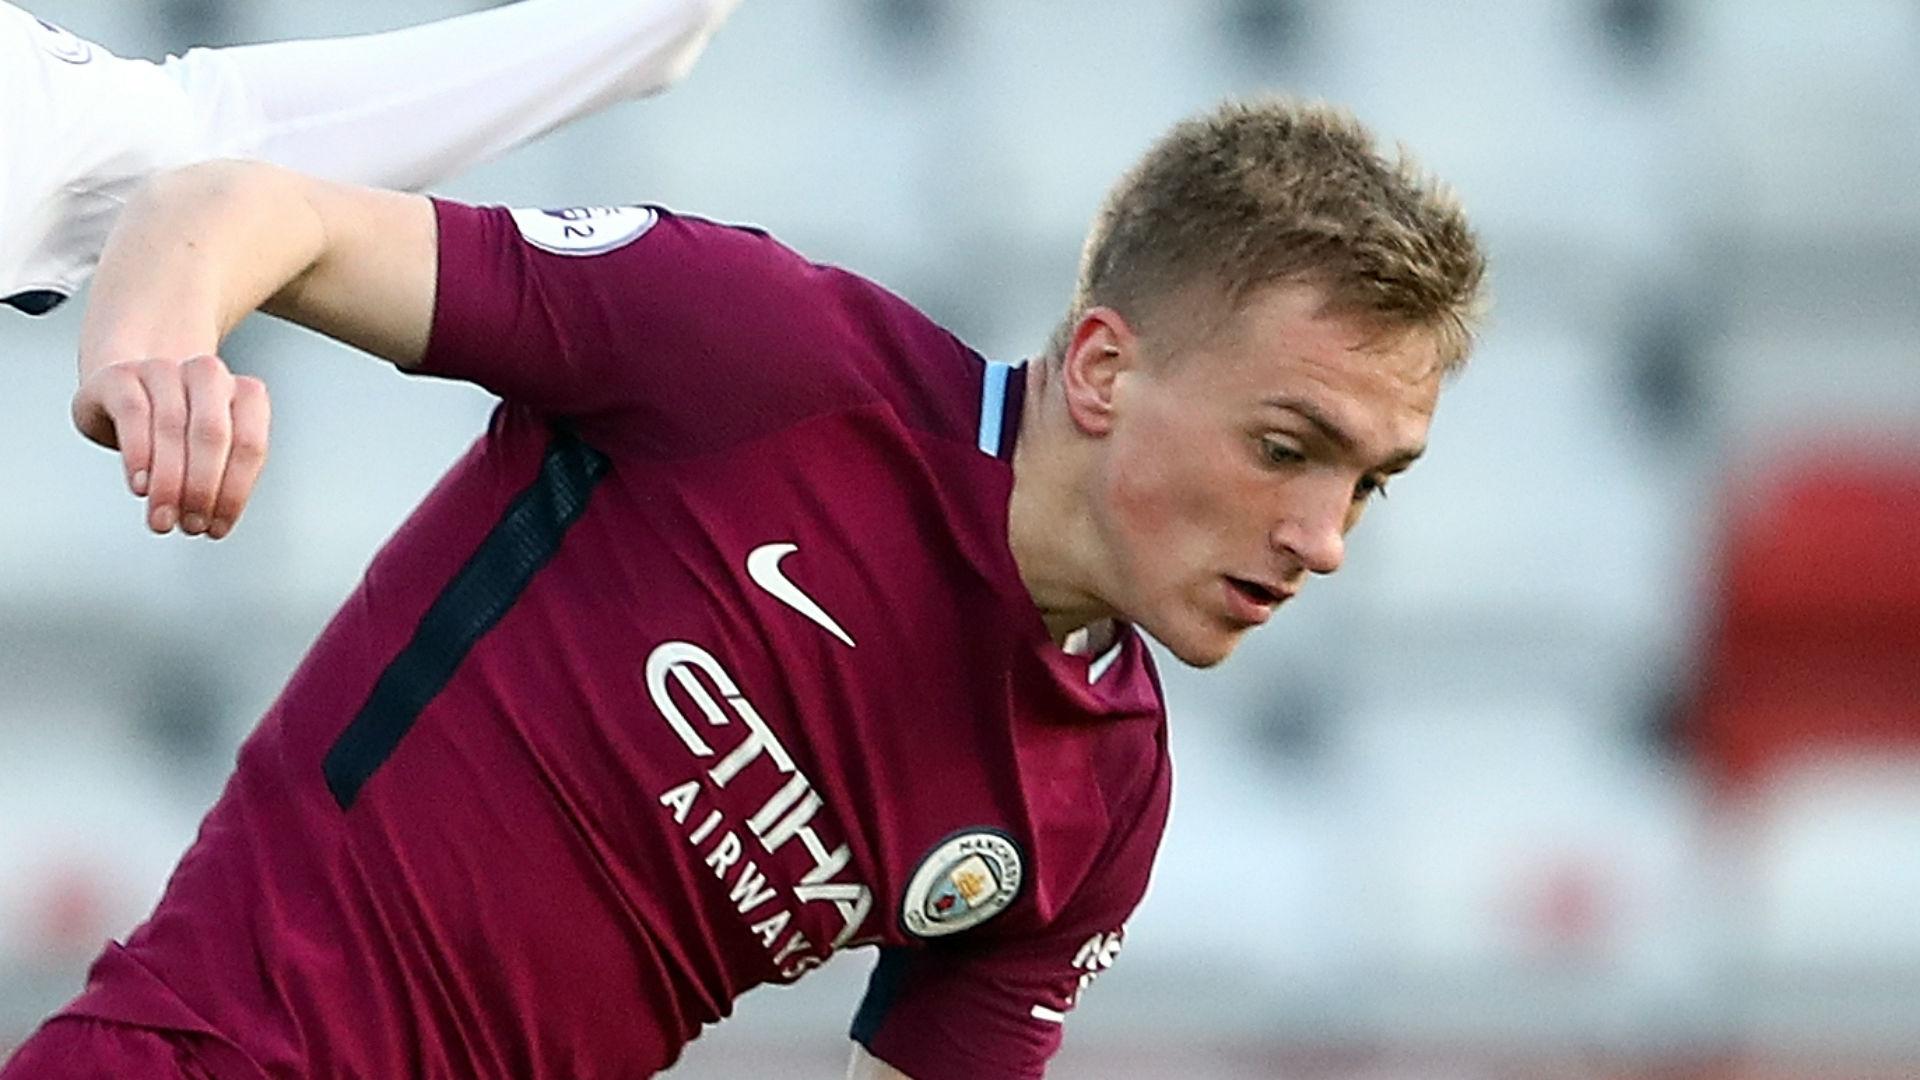 Wales international Matt Smith signs long-term Manchester City deal